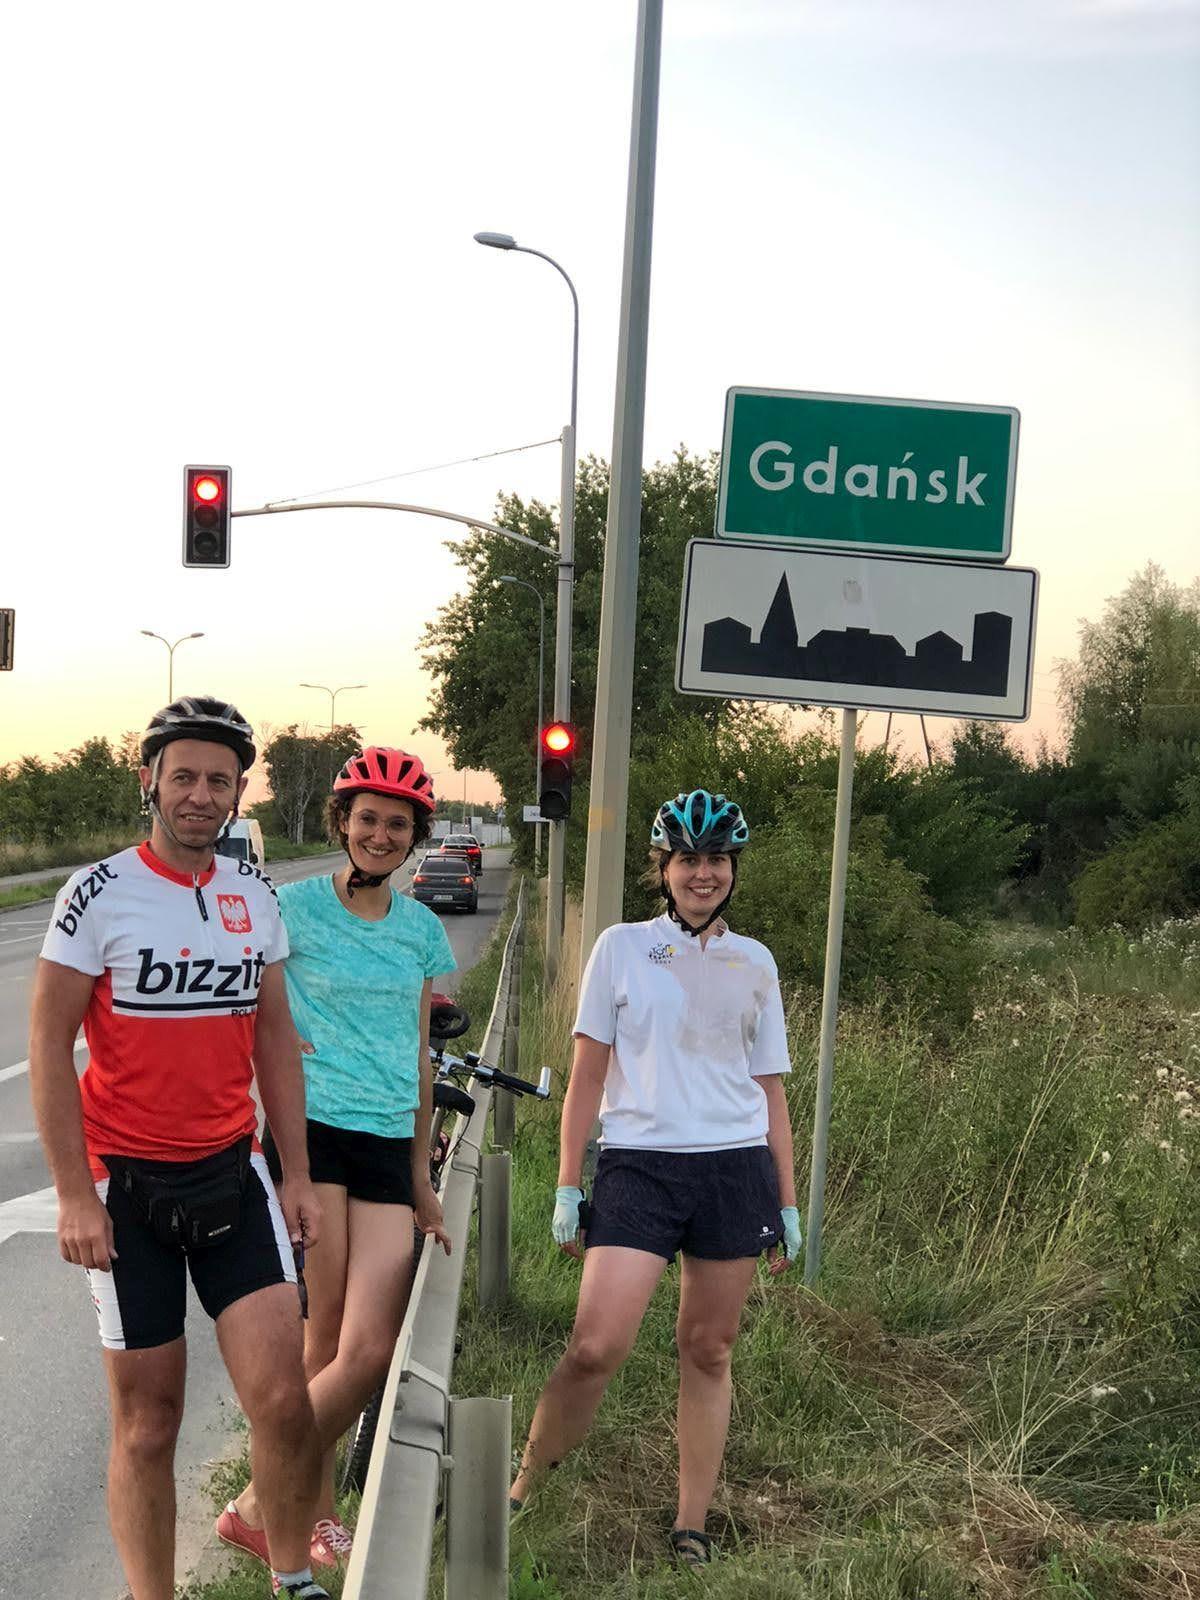 Gdańsk wita podróżników